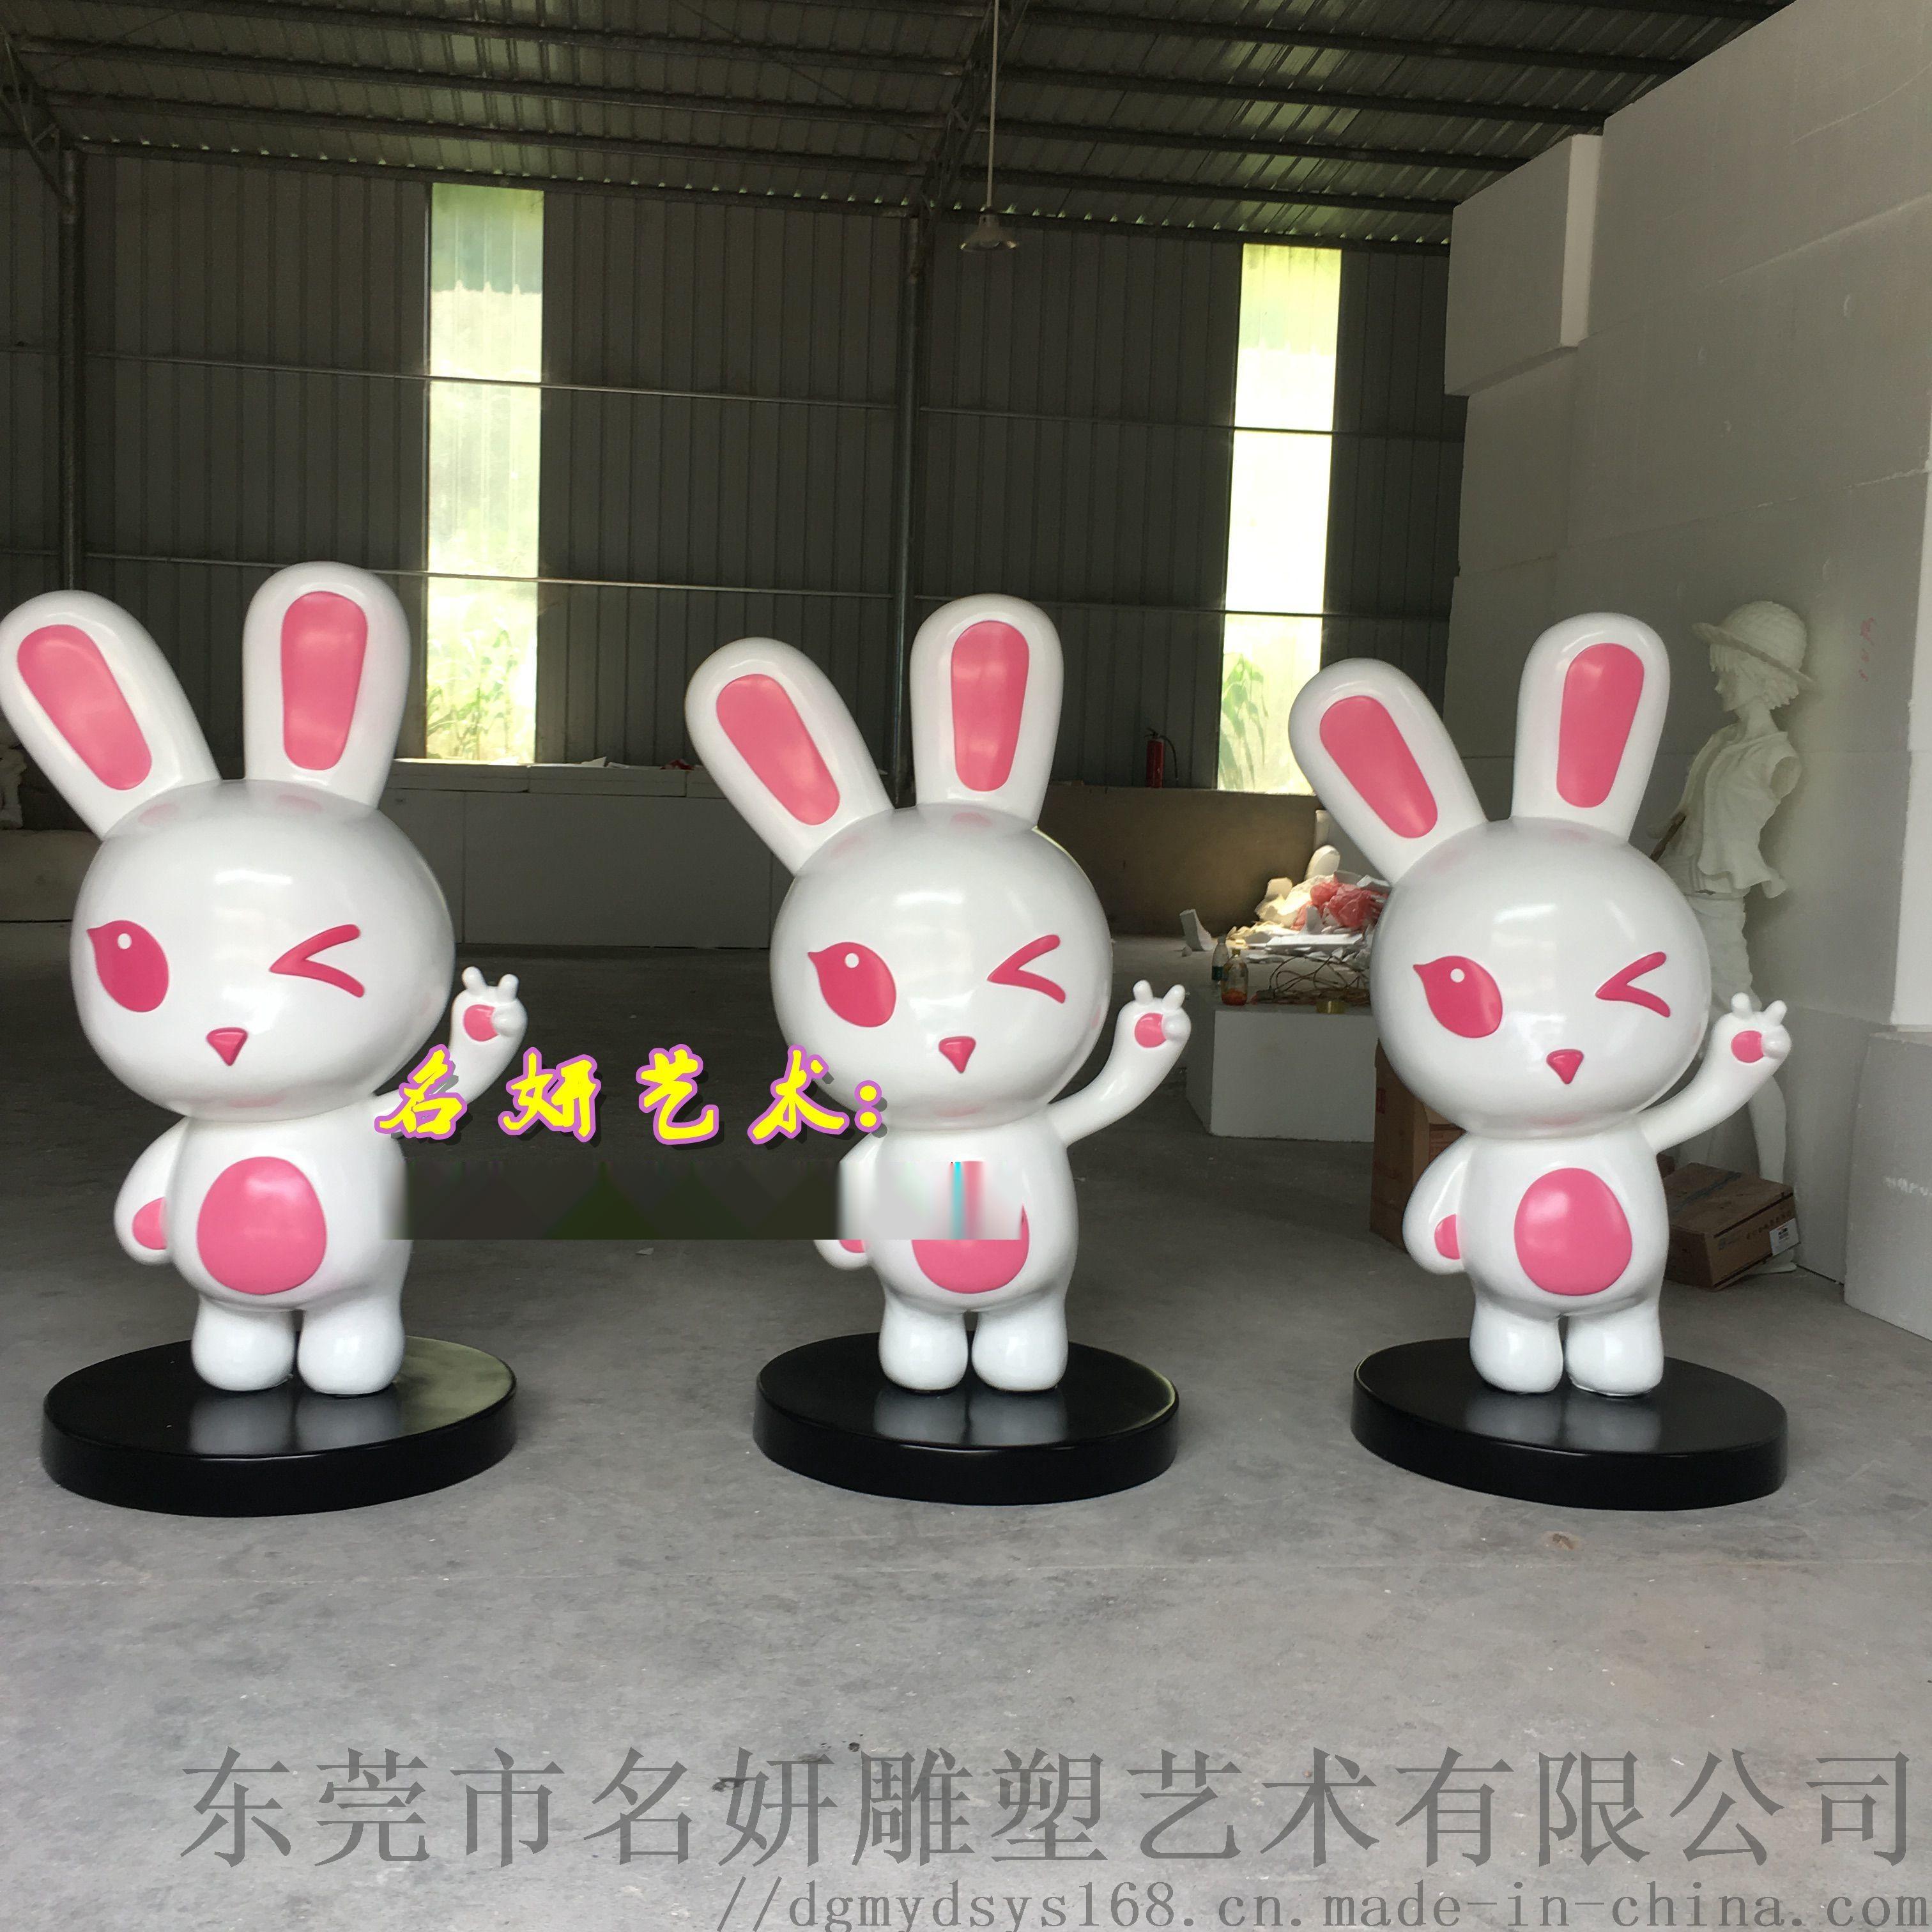 火爆了杭州玻璃鋼喜兔公司吉祥物雕塑卡通IP兔子形象868414865